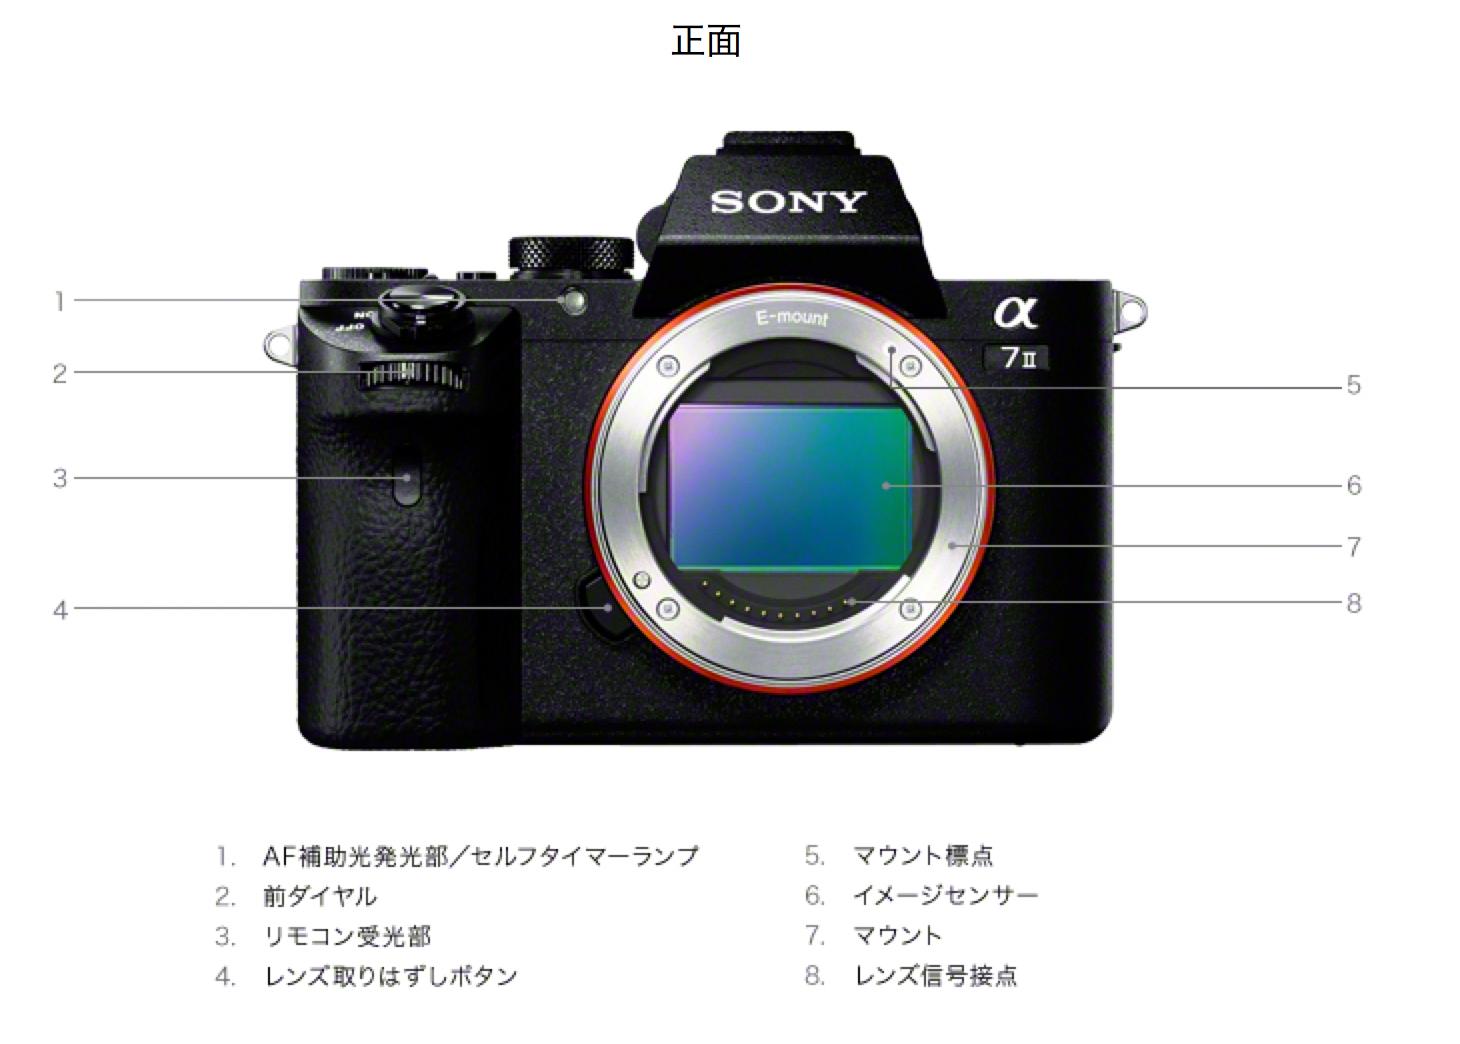 Sony A7 II (có thể) đã được ra mắt !!? - 44500